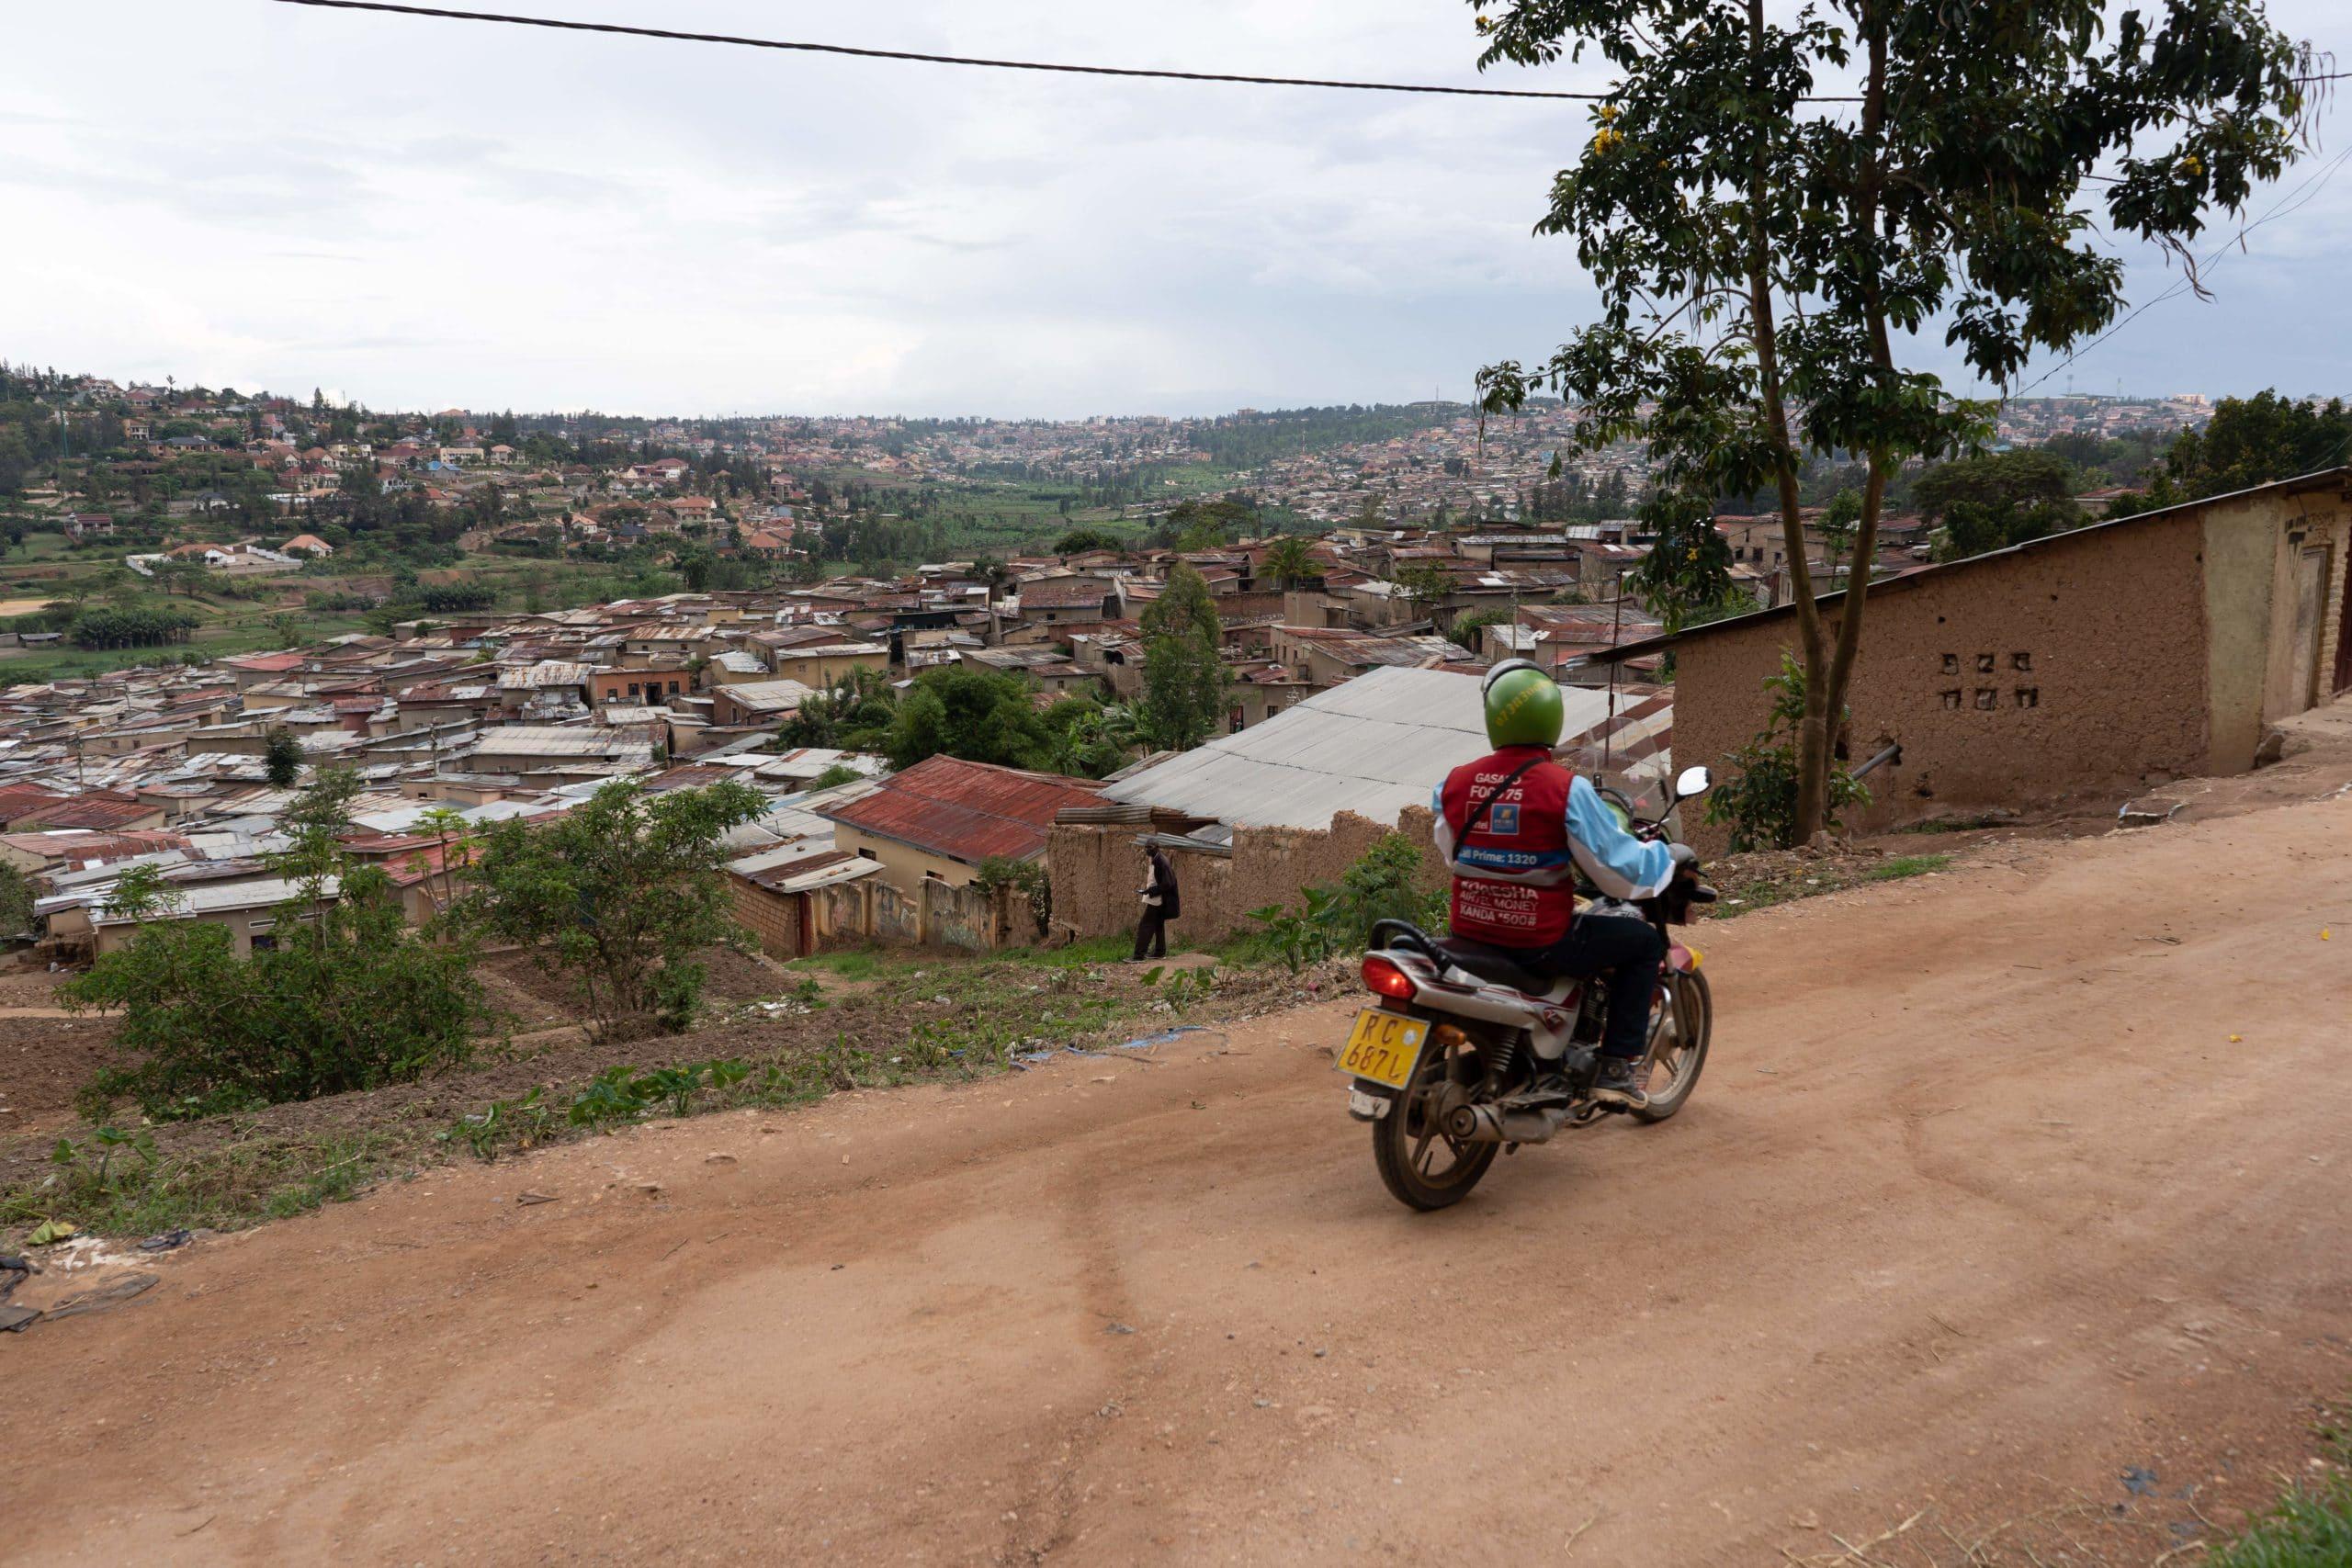 RWANDA-ECONOMY-URBAN-PLANNING-POVERTY